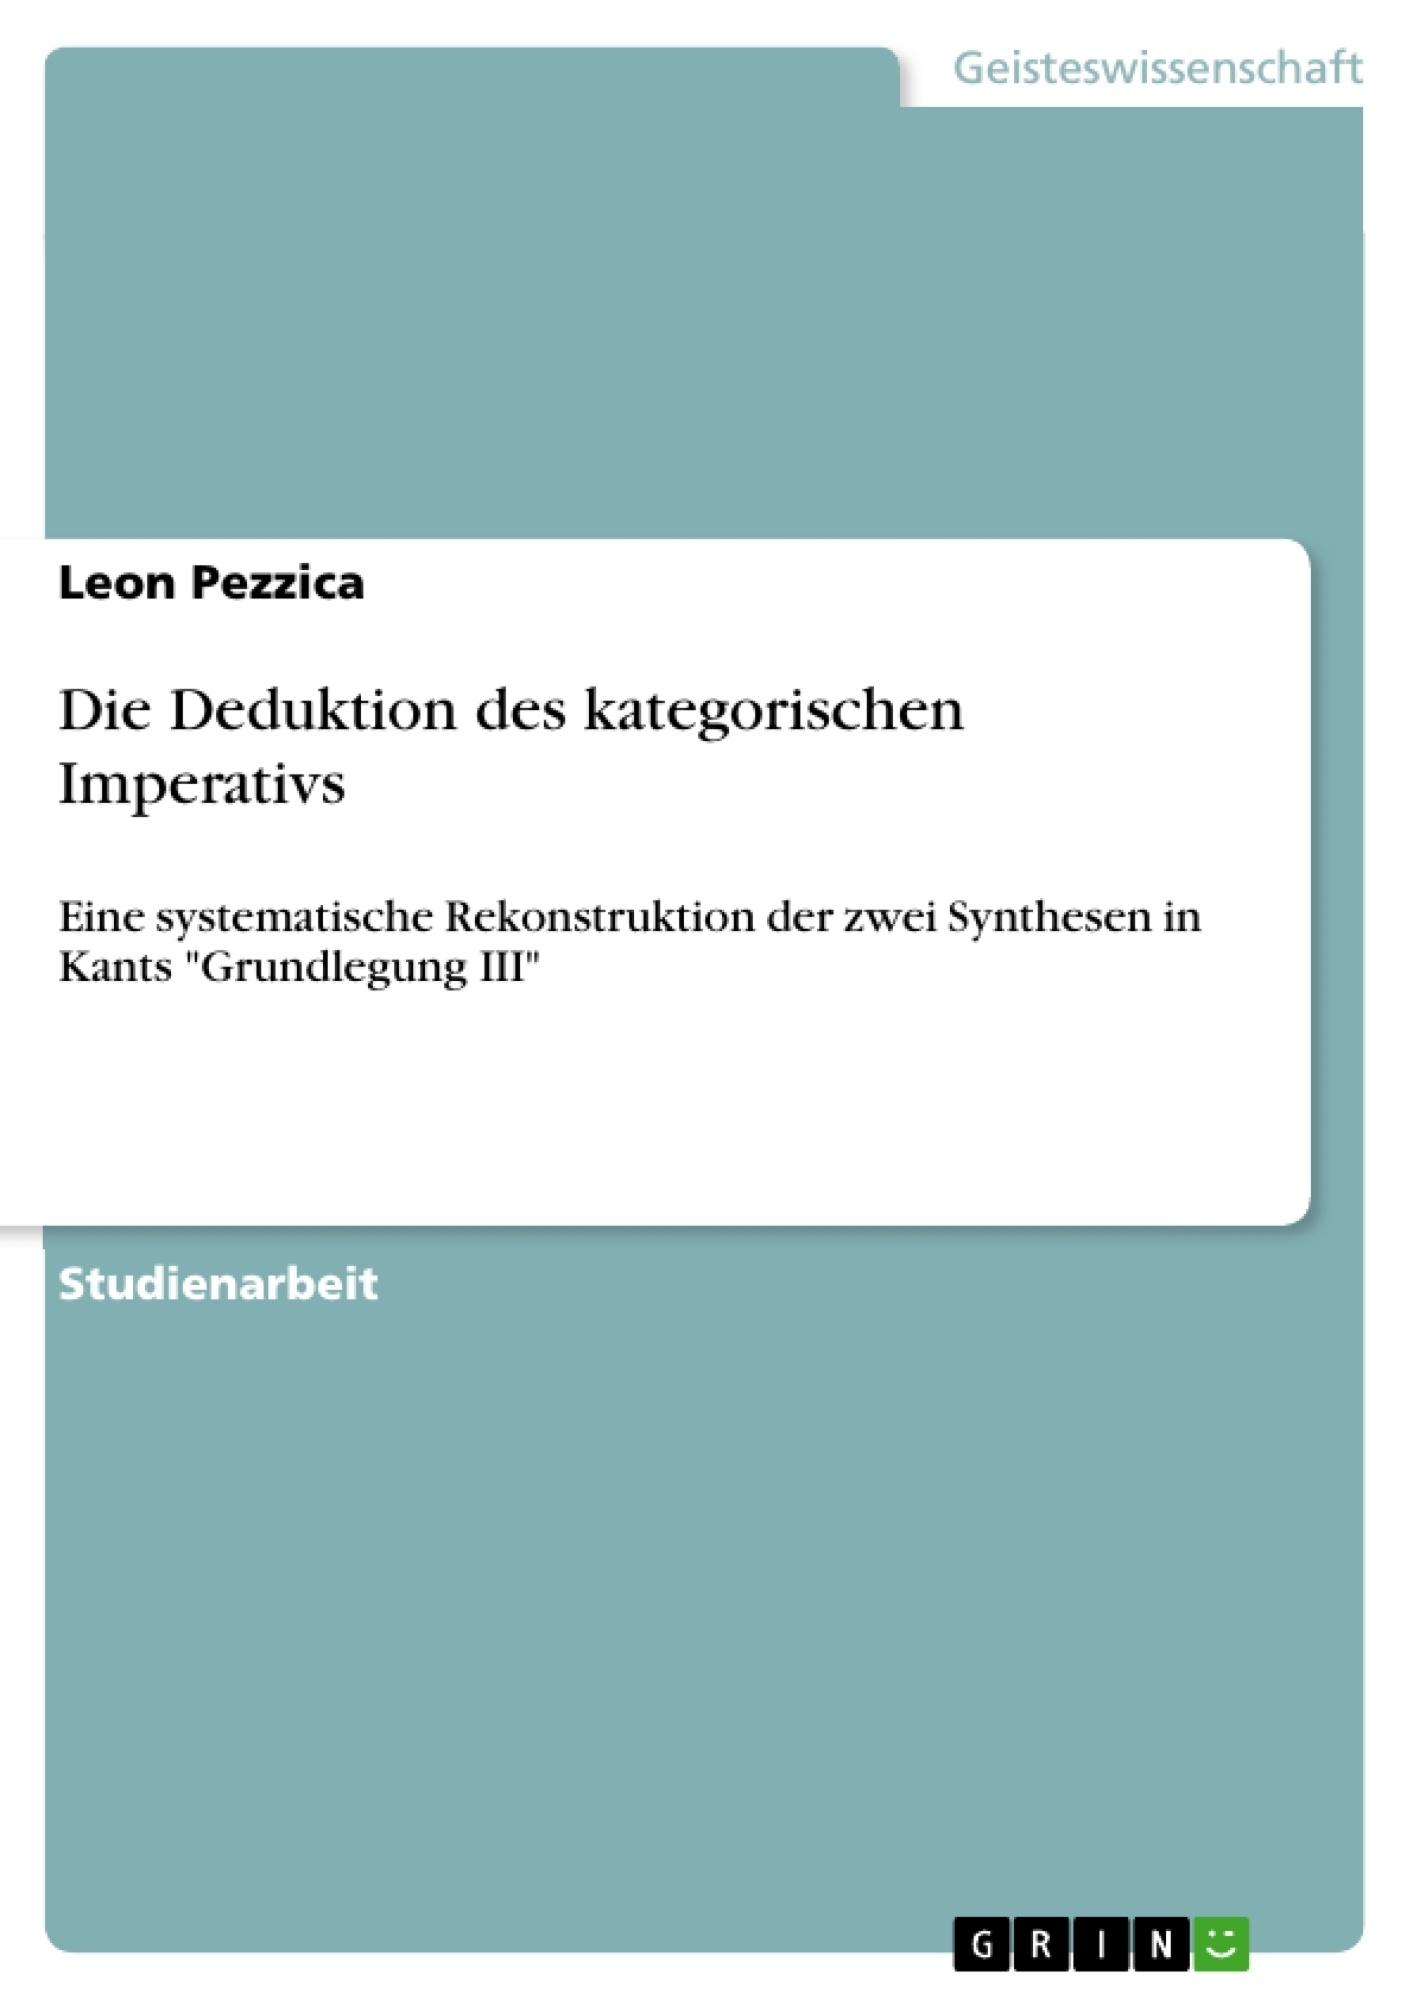 Titel: Die Deduktion des kategorischen Imperativs